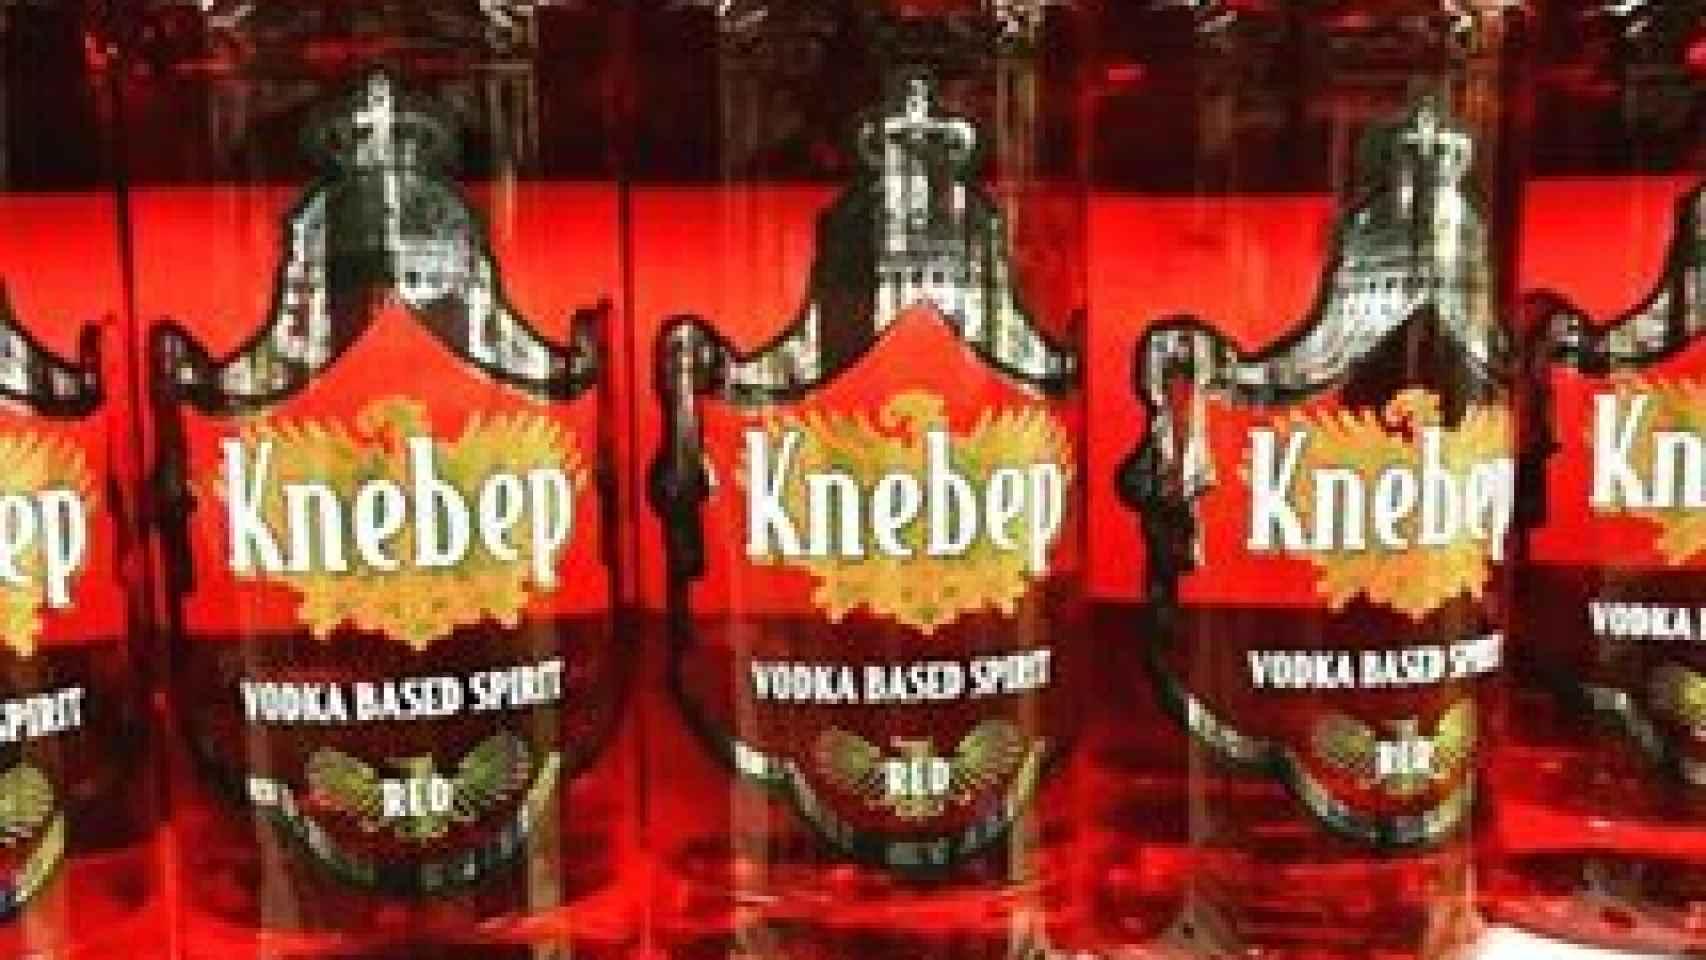 Botellas de vozka rojo de la marca blanca de Mercadona a 4,60 euros